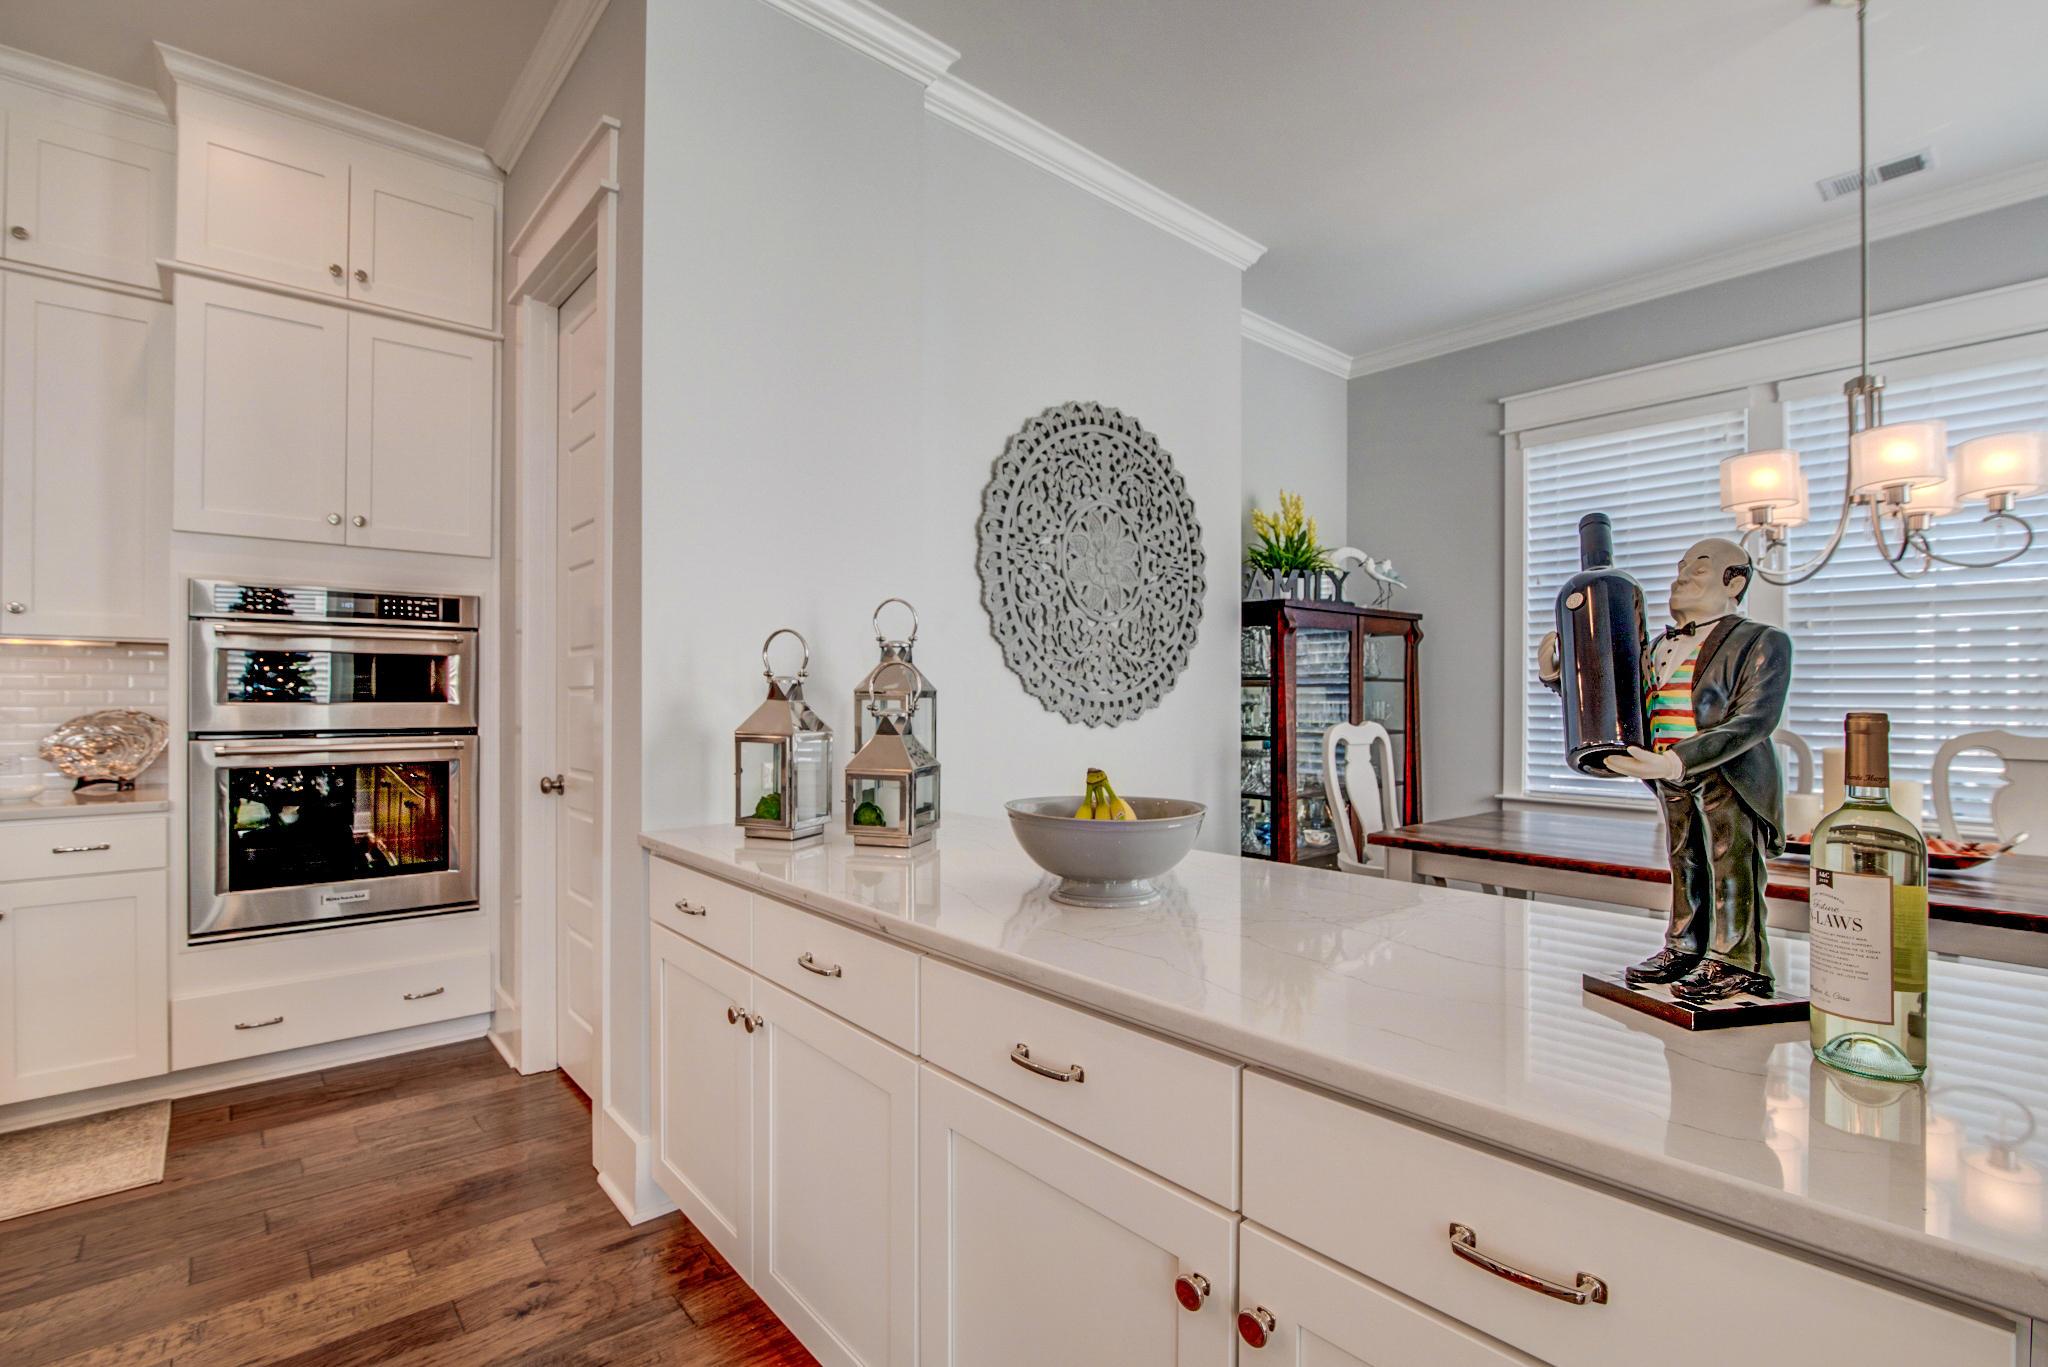 Dunes West Homes For Sale - 2883 River Vista, Mount Pleasant, SC - 46